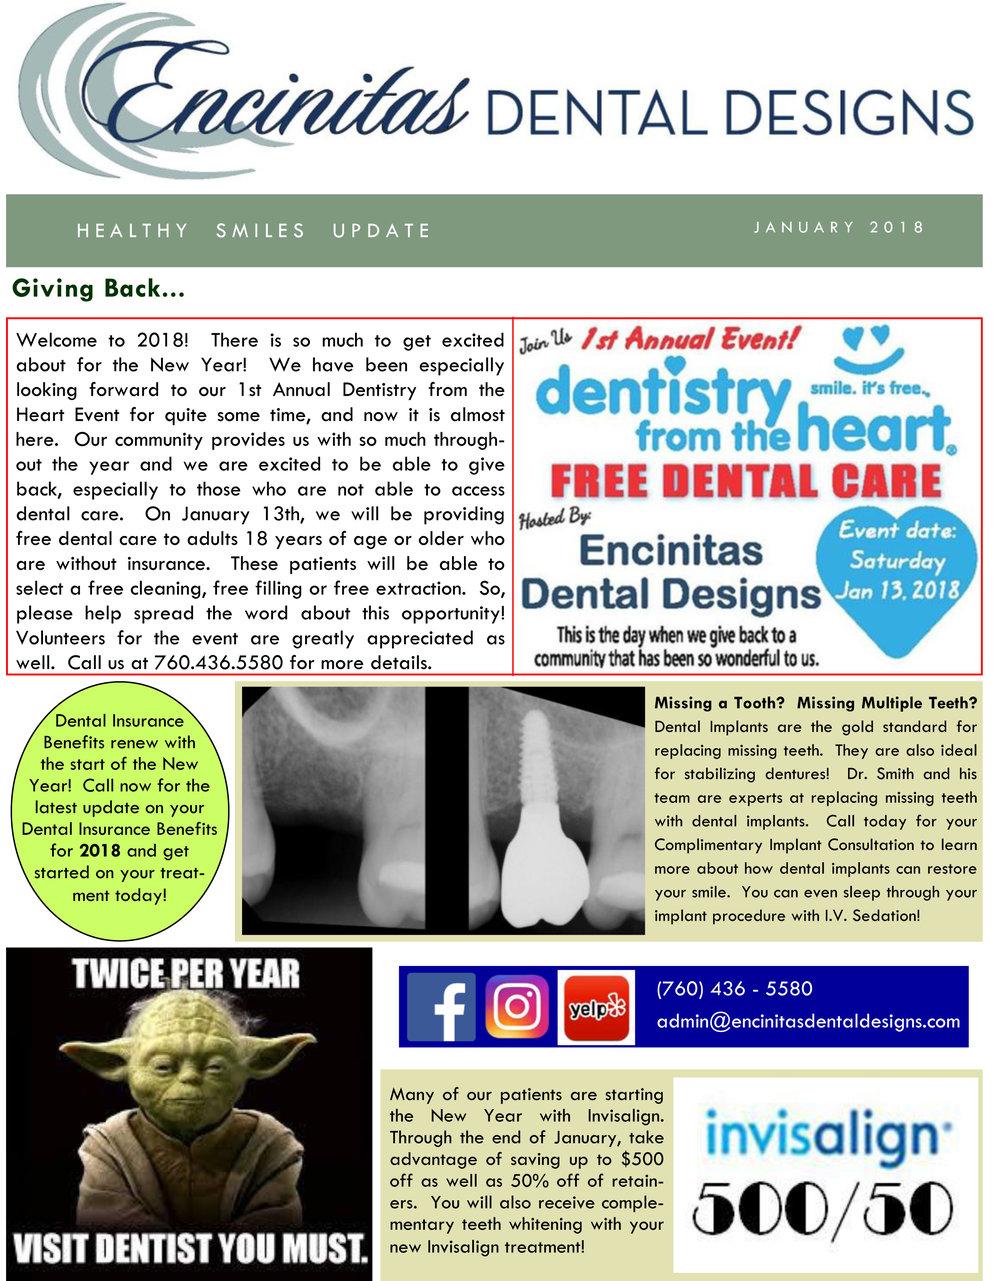 healthysmiles012018 (1) copy.jpg